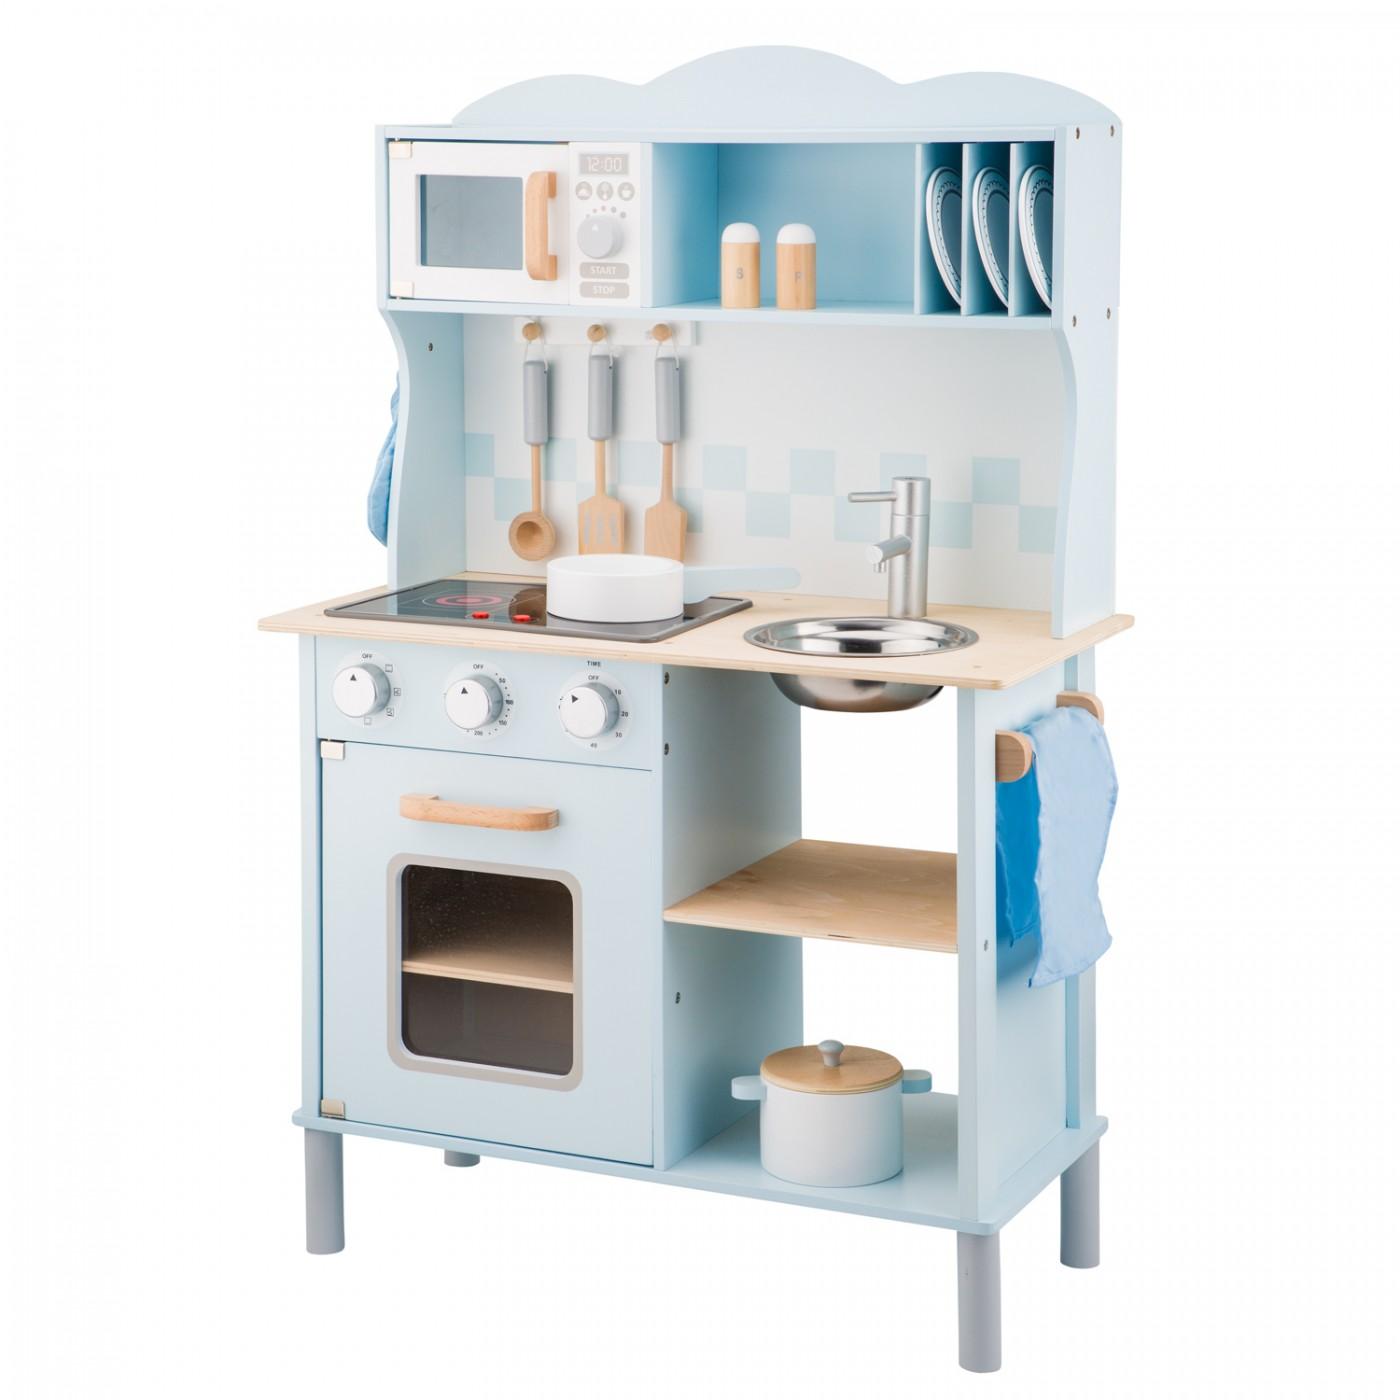 Küchenzeile - Modern mit Kochfeld